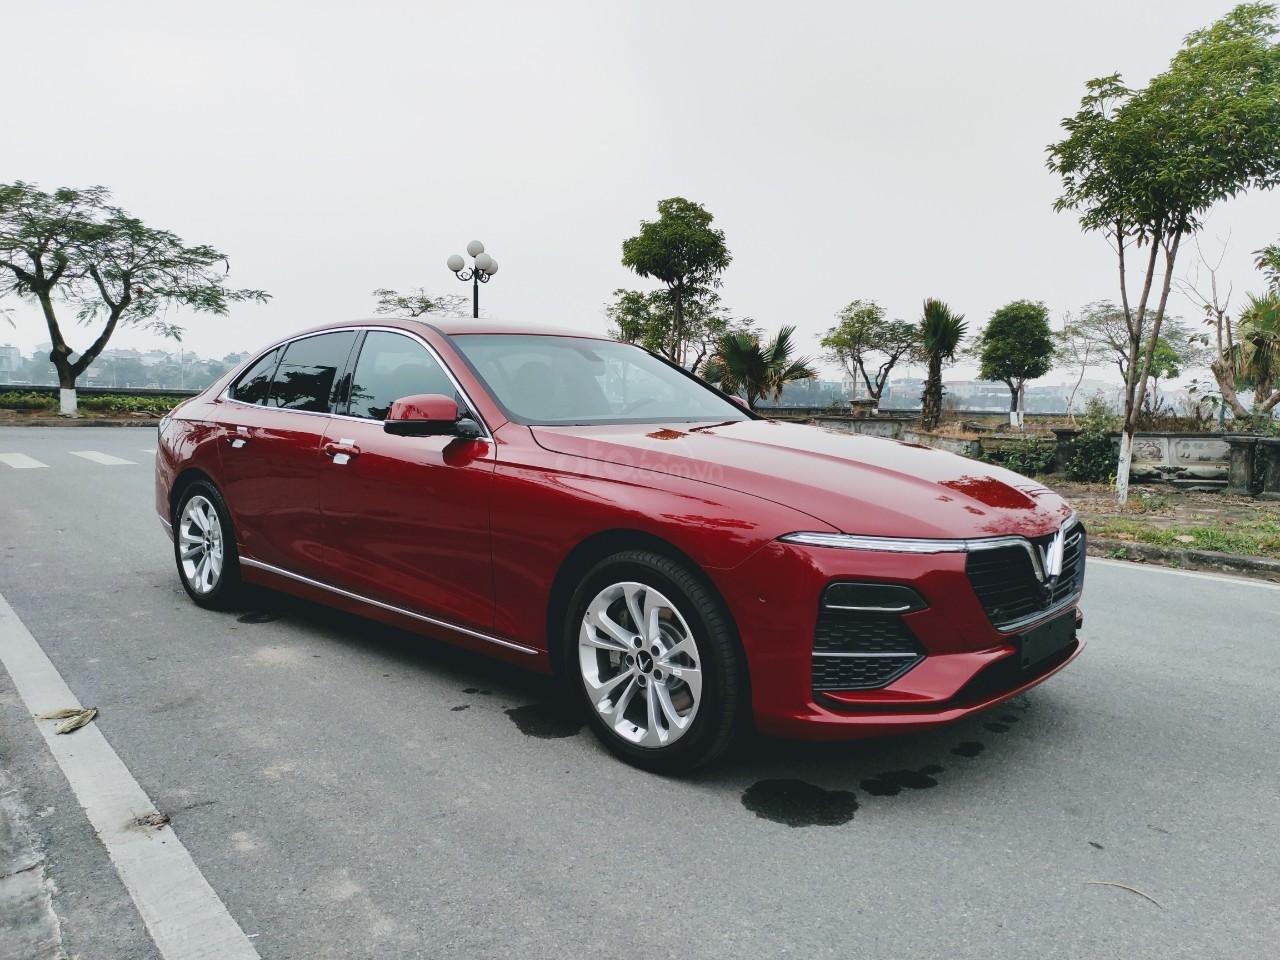 VinFast Lux A 2.0 2021 ưu đãi trên 300tr, hỗ trợ vay 90%, đủ màu, xe sẵn giao ngay, thuế 0đ (1)